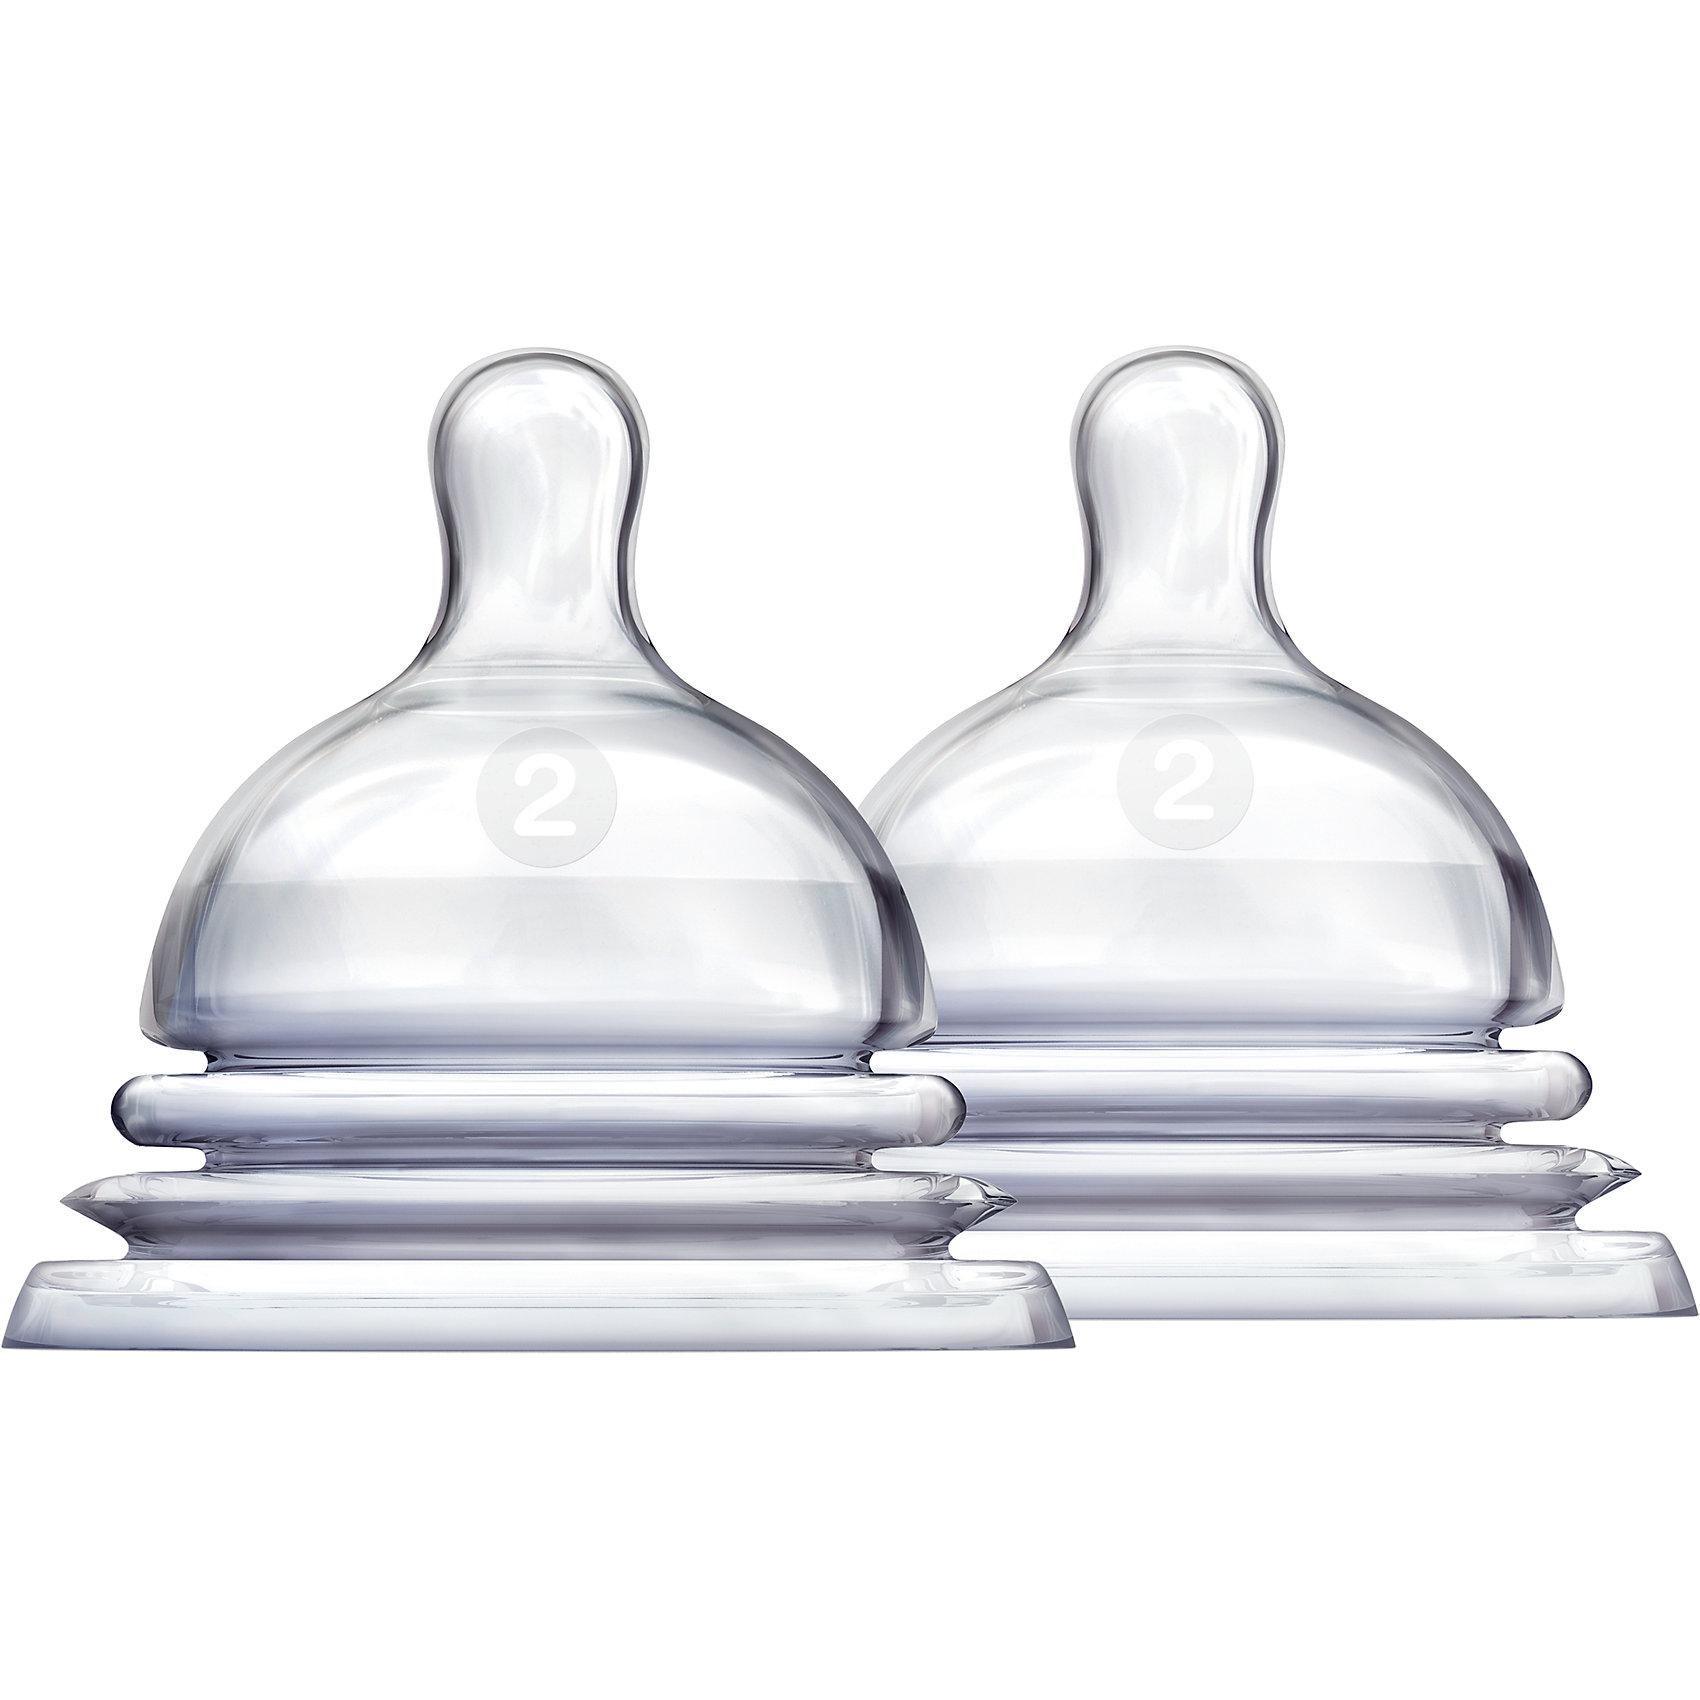 Соска силиконовая LATCH , 2шт., MunchkinБутылочки и аксессуары<br>Соска силиконовая LATCH , 2шт., Munchkin  (Манчкин)<br><br>Характеристики:<br><br>• имитация кормления из материнской груди<br>• гибкое основание соски<br>• усовершенствованный захват<br>• поток соски: 2 <br>• для детей с 3 месяцев<br>• в комплекте: 2 соски<br>• материал соски: силикон<br>• размер упаковки: 9х15х7 см<br>• вес: 50 грамм<br><br>Соски LATCH изготовлены из силикона без содержания опасных веществ. В комплект входят две соски для детей с 3 месяцев. Каждая соска имеет гибкое основание, выполненное в виде гармошки. Во время кормления оно разжимается и сжимается, чтобы ребенок мог есть в любом положении. Форма соски имеет форму, соответствующую анатомическим особенностям женской груди. Кроме того, форма обеспечивает усовершенствованный захват, препятствующий возникновению коликов и газообразования. Соски можно мыть в верхней части посудомоечной машины.<br><br>Соску силиконовую LATCH , 2шт., Munchkin (Манчкин)  вы можете купить в нашем интернет-магазине.<br><br>Ширина мм: 70<br>Глубина мм: 150<br>Высота мм: 90<br>Вес г: 50<br>Возраст от месяцев: 3<br>Возраст до месяцев: 2147483647<br>Пол: Унисекс<br>Возраст: Детский<br>SKU: 5507252